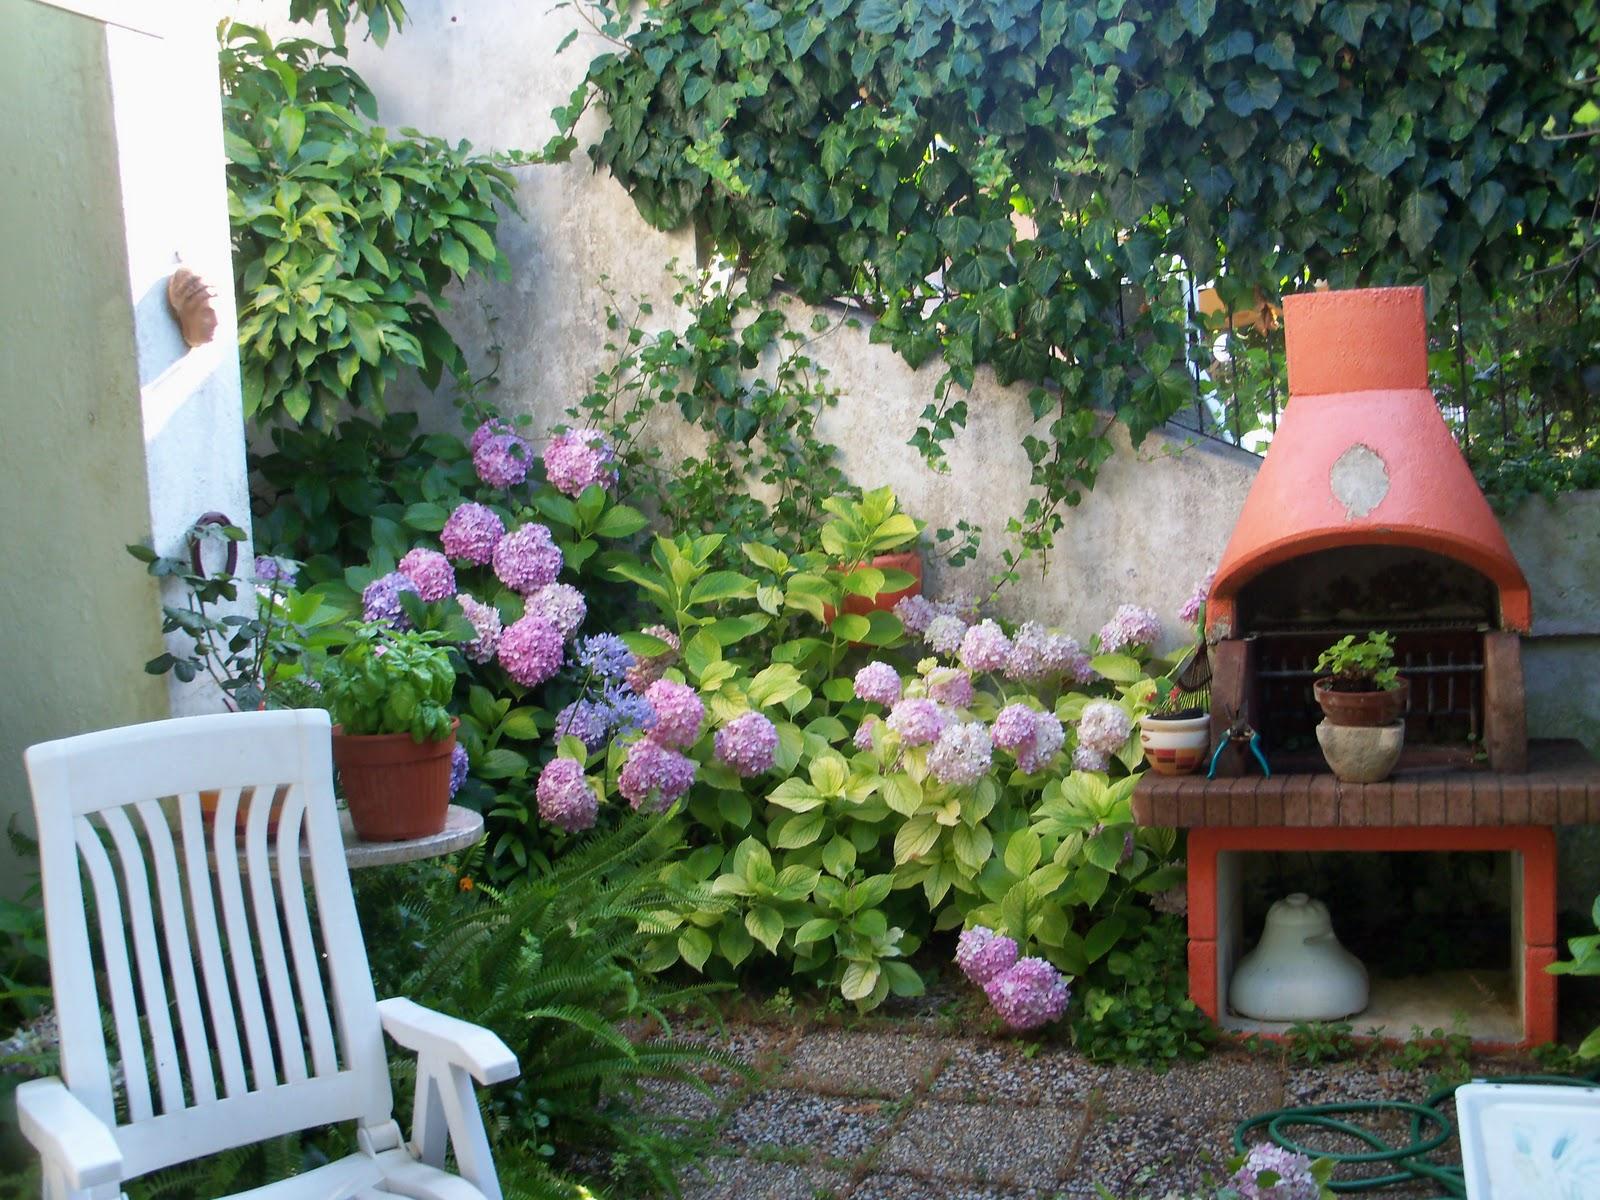 Fantasia tunni il mio giardino fiorito